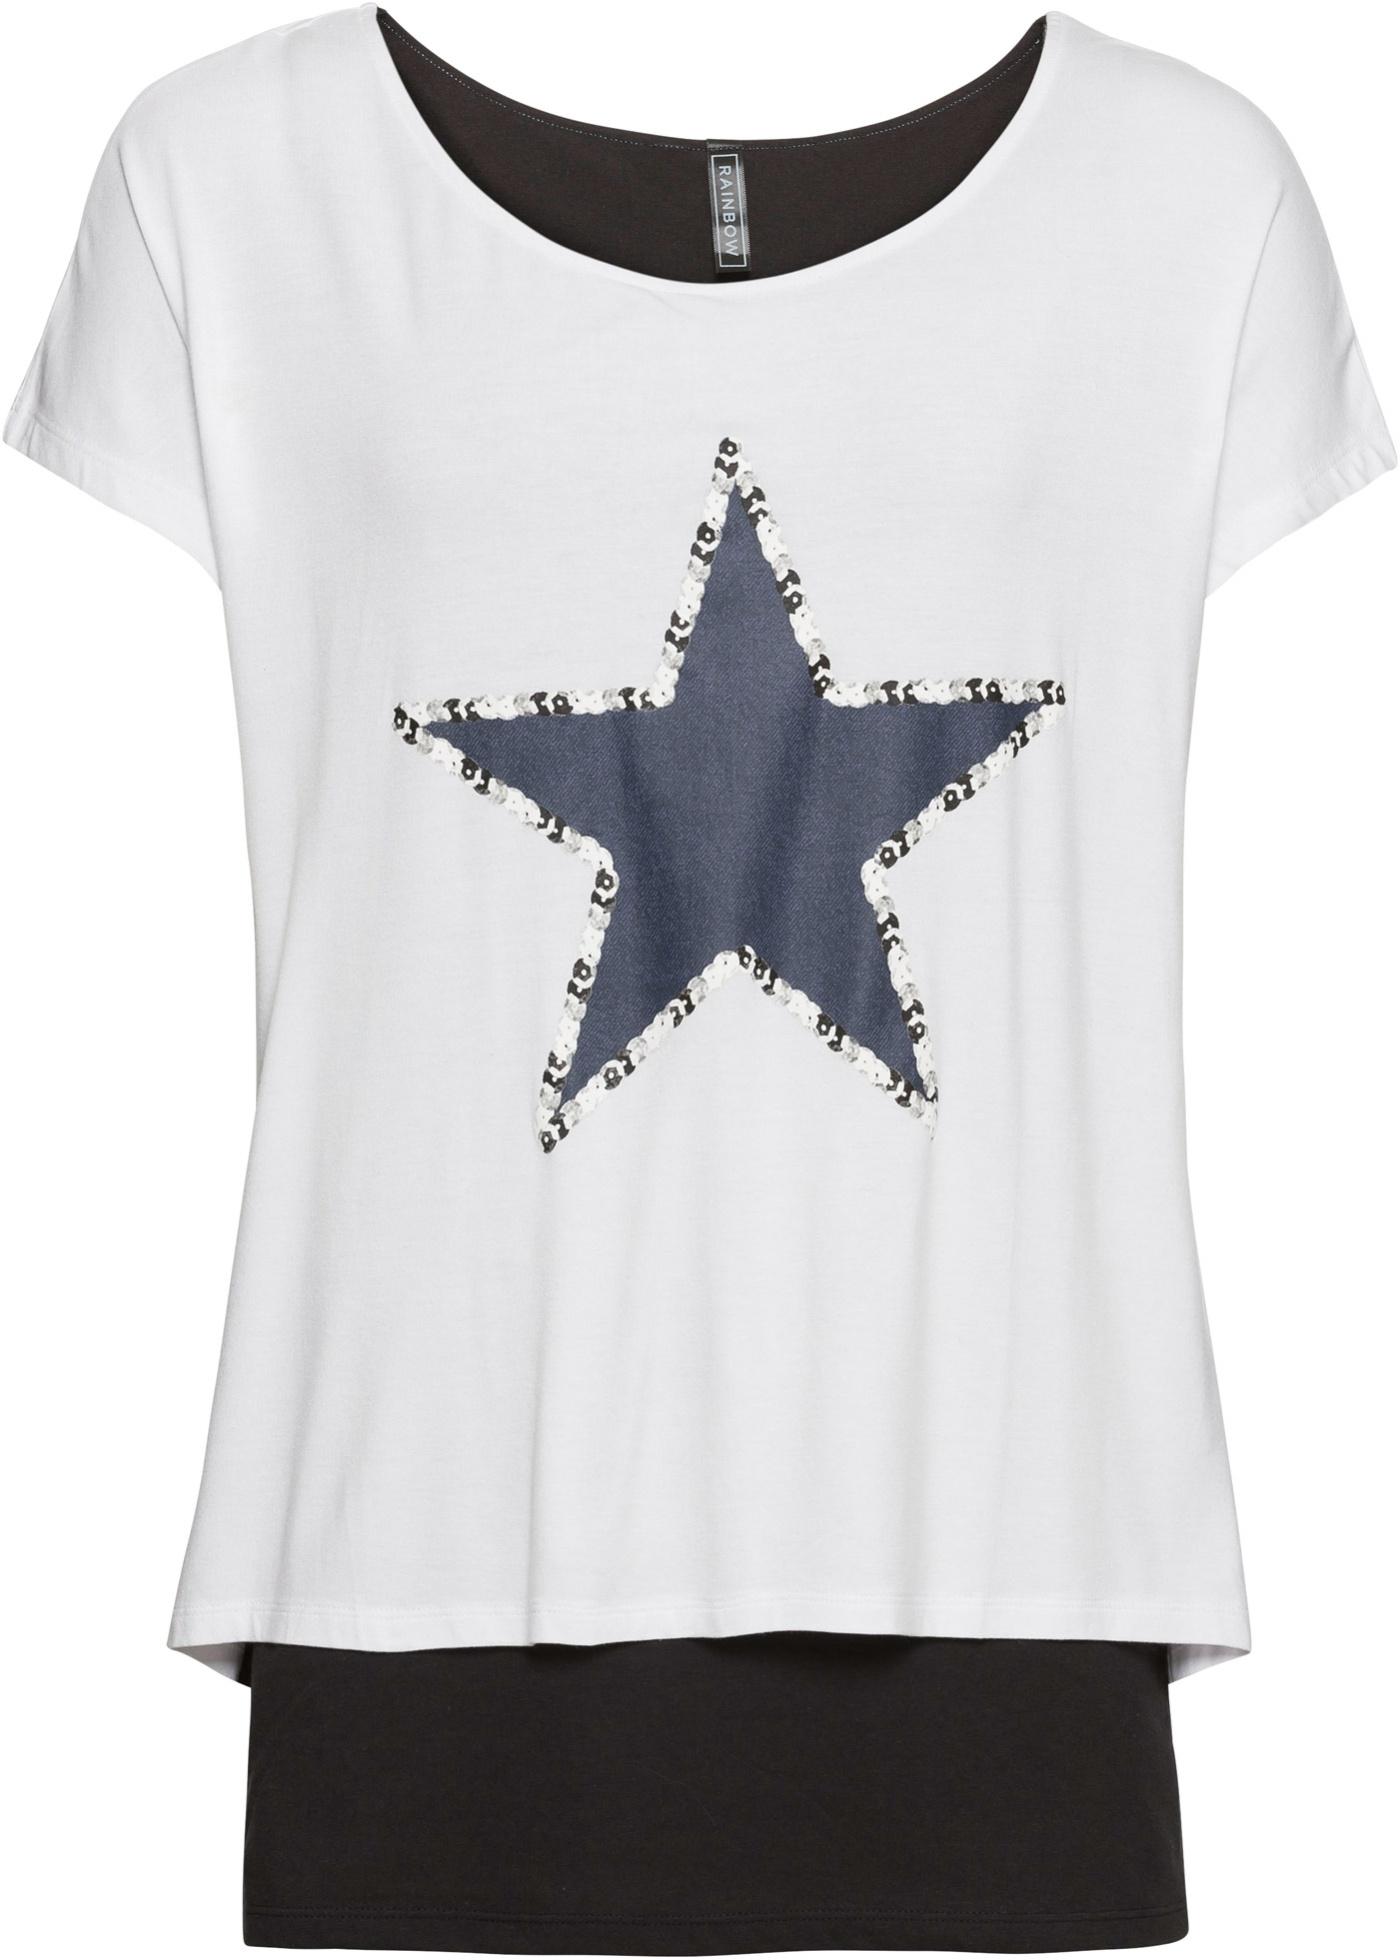 Rainbow Courtes shirt Étoile 2 Manches En 1 Blanc Avec Femme BonprixT Pour DIH2EeWb9Y